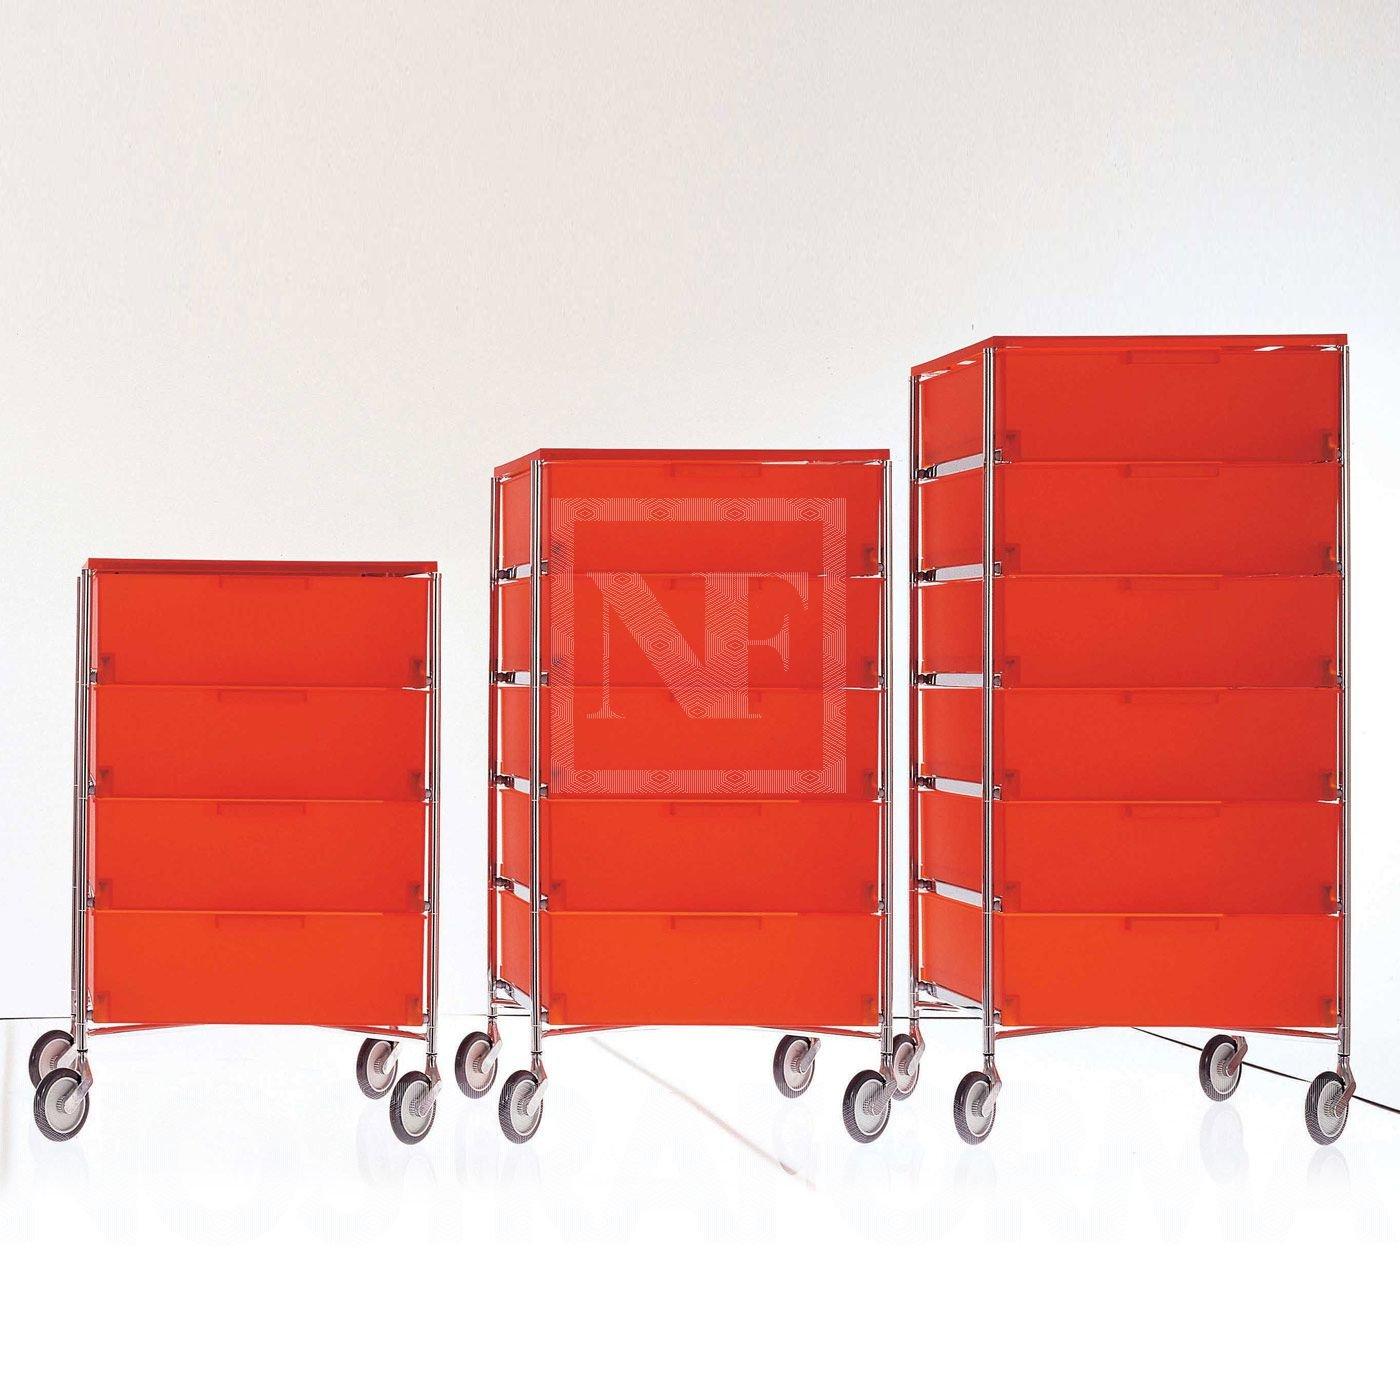 Kartell 2034L1 Container Mobil, 5 Schubladen, eisfarben